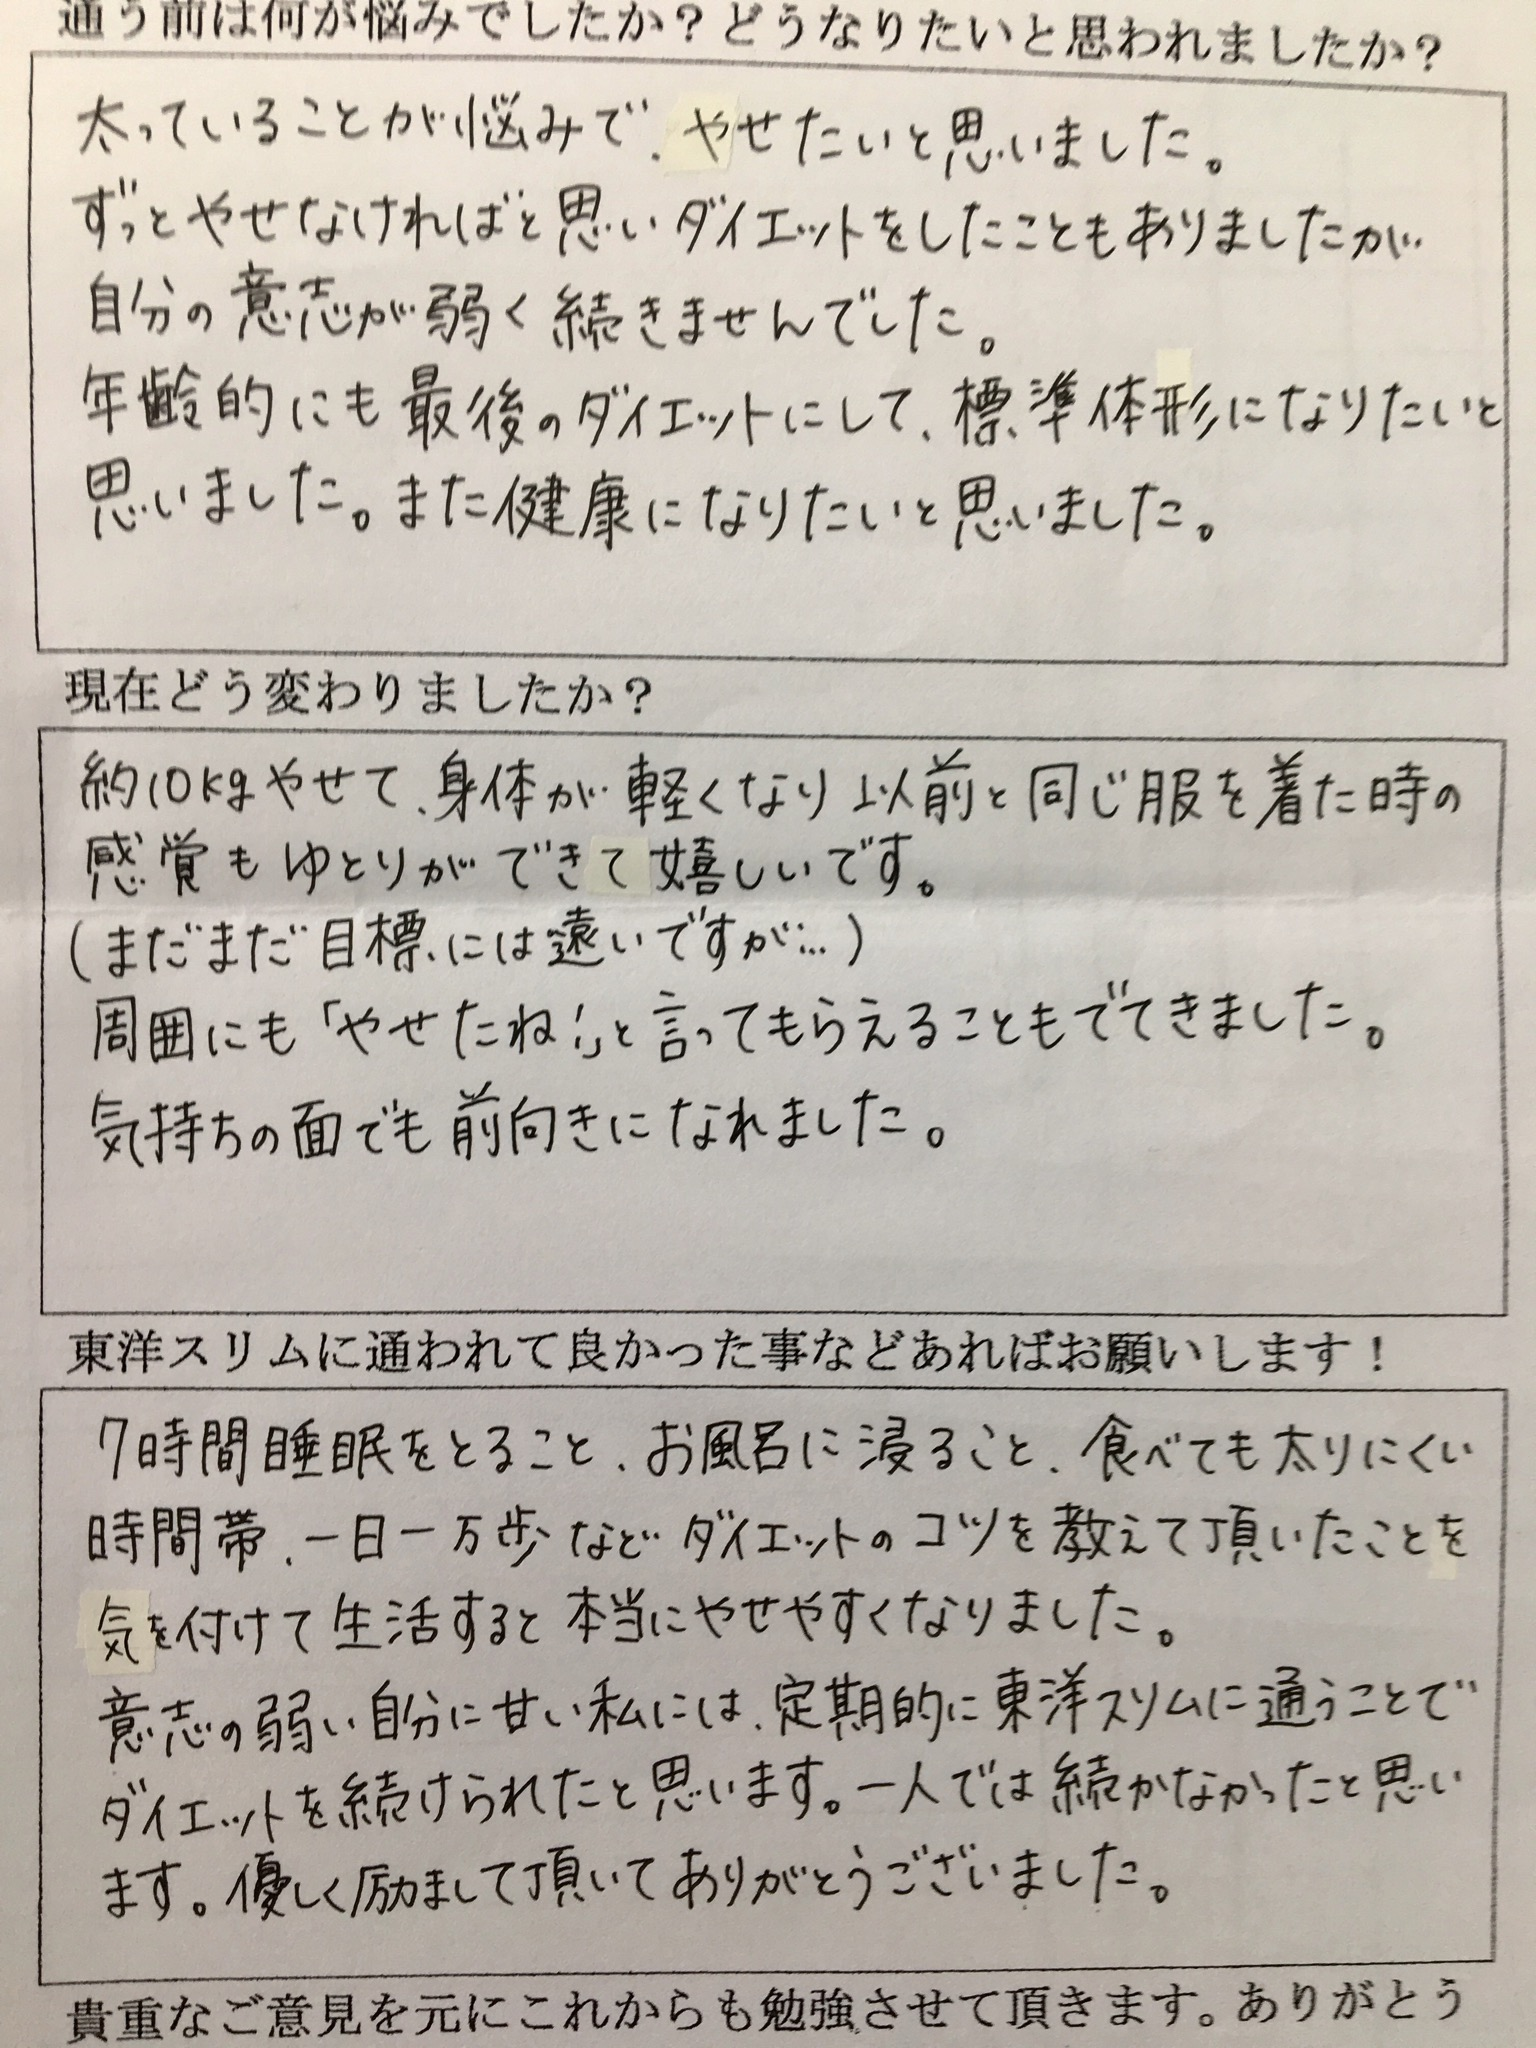 [皆様の声]大阪府八尾市Hさん(30)優しく励ましていただいてありがとうございます!